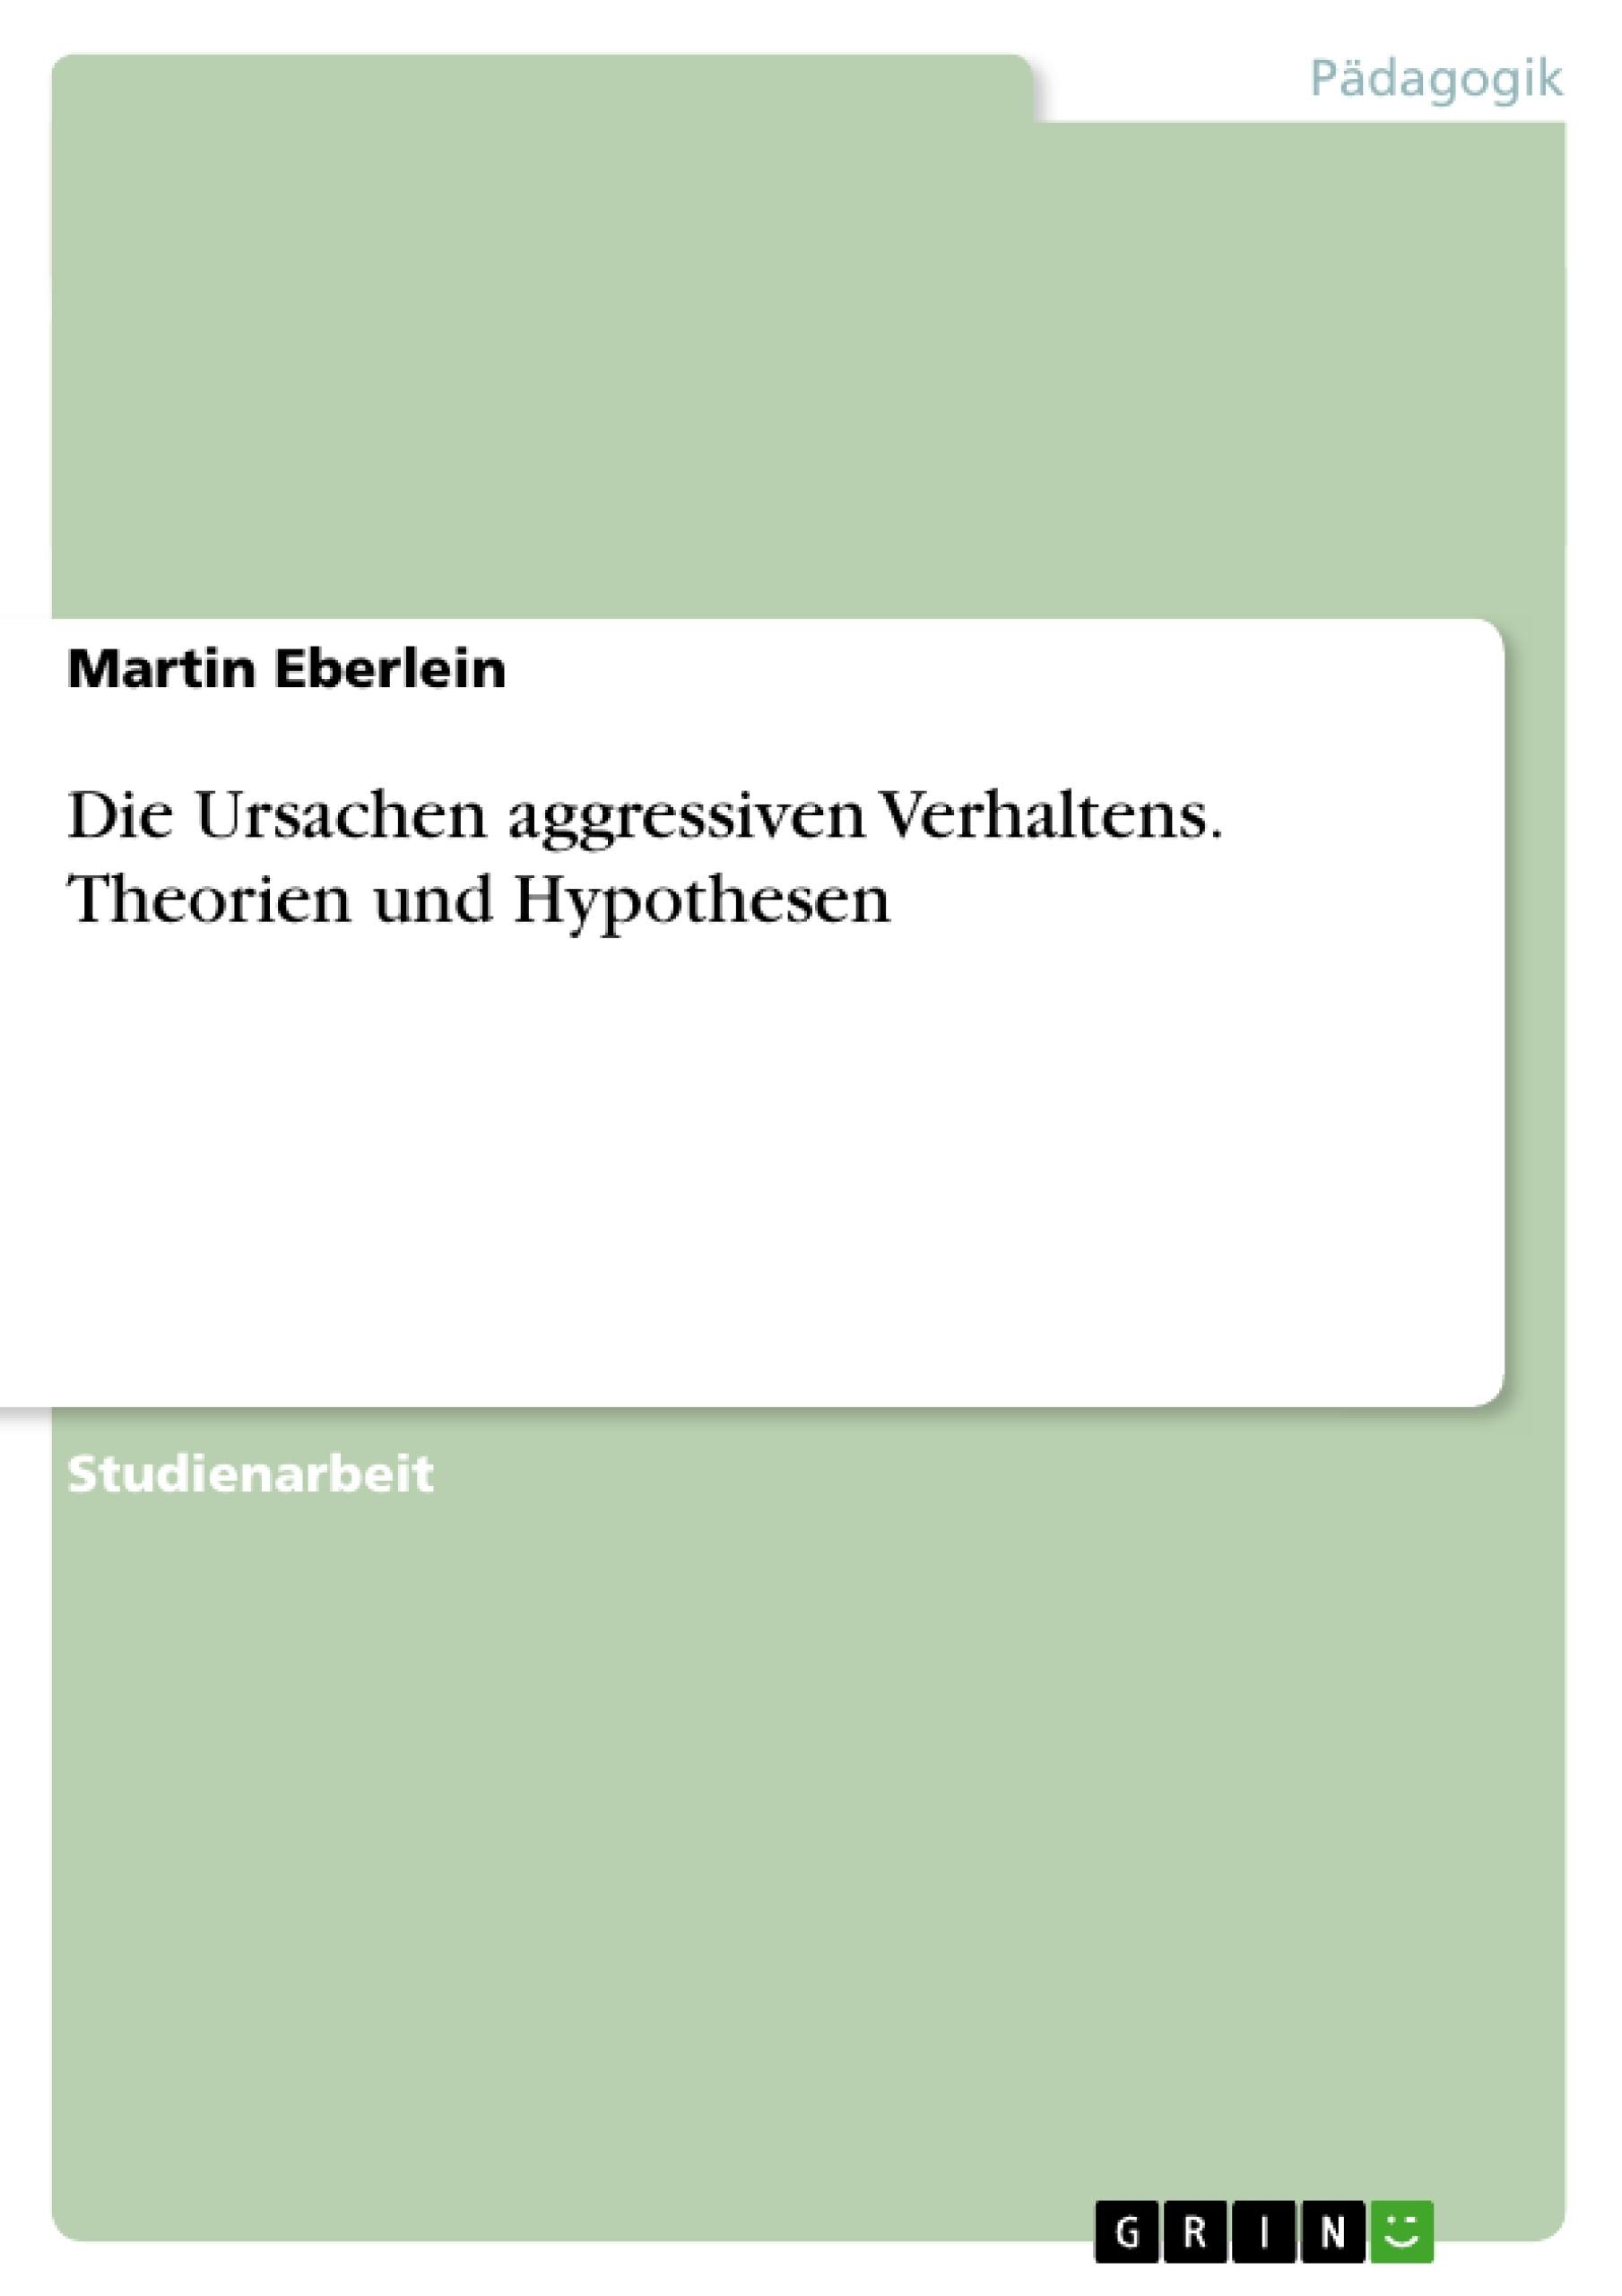 Titel: Die Ursachen aggressiven Verhaltens. Theorien und Hypothesen